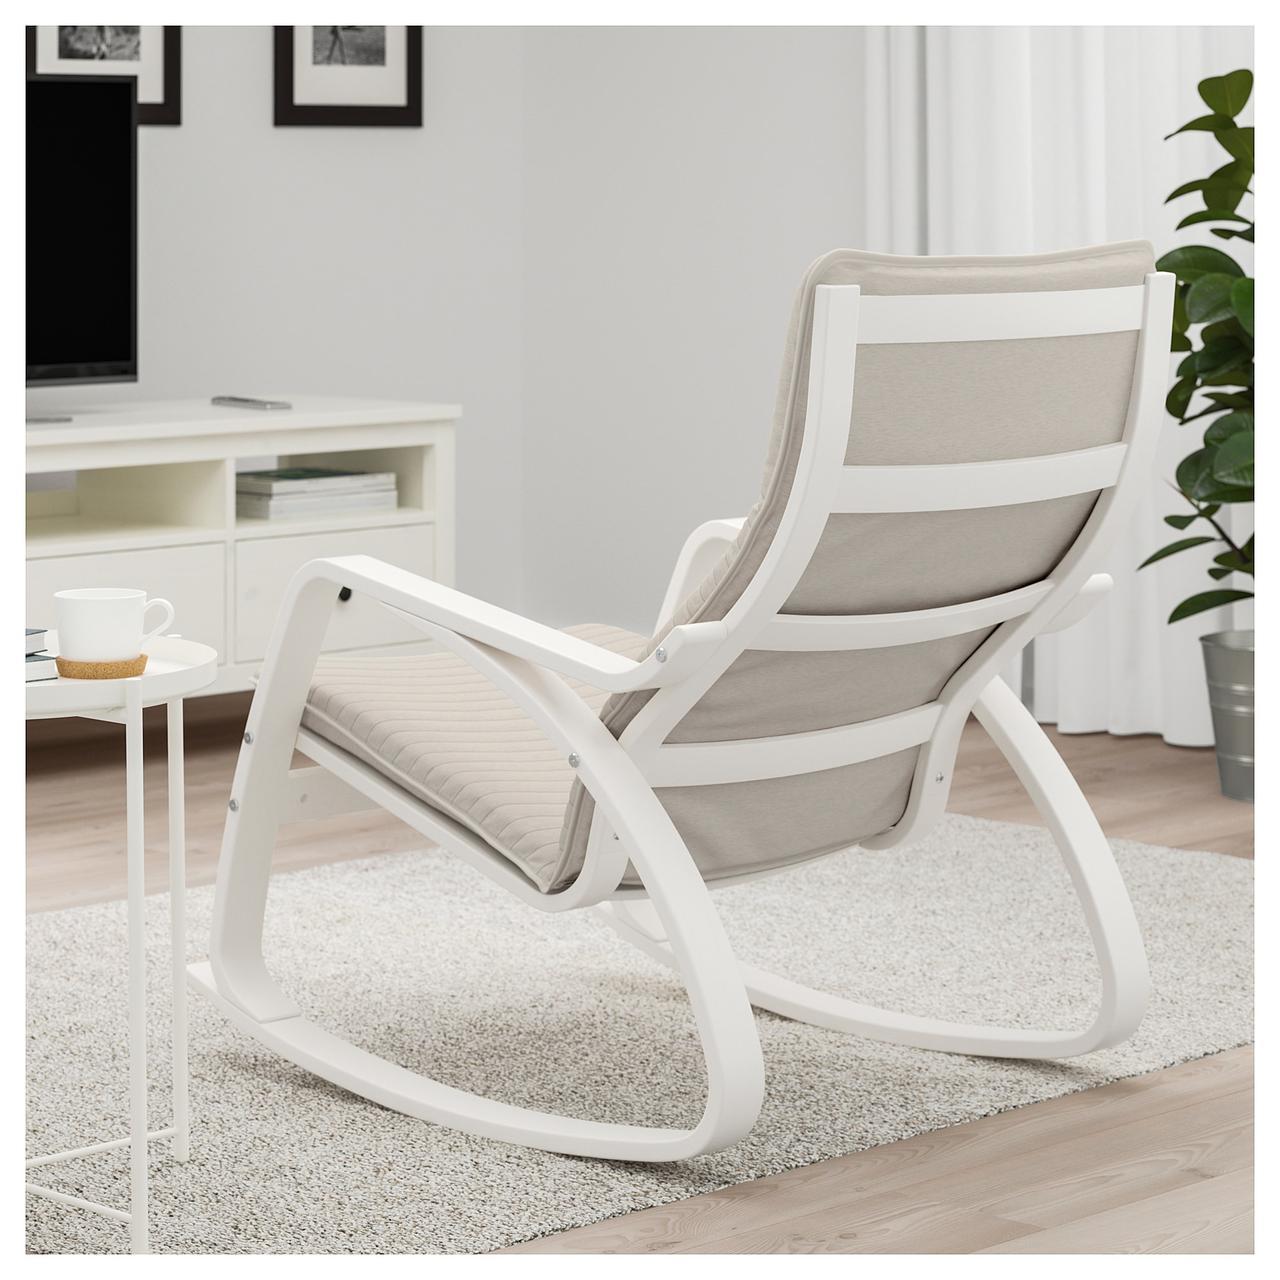 Ikea Poang 792 415 77 качающийся стул лиловый серый Bigl Ua